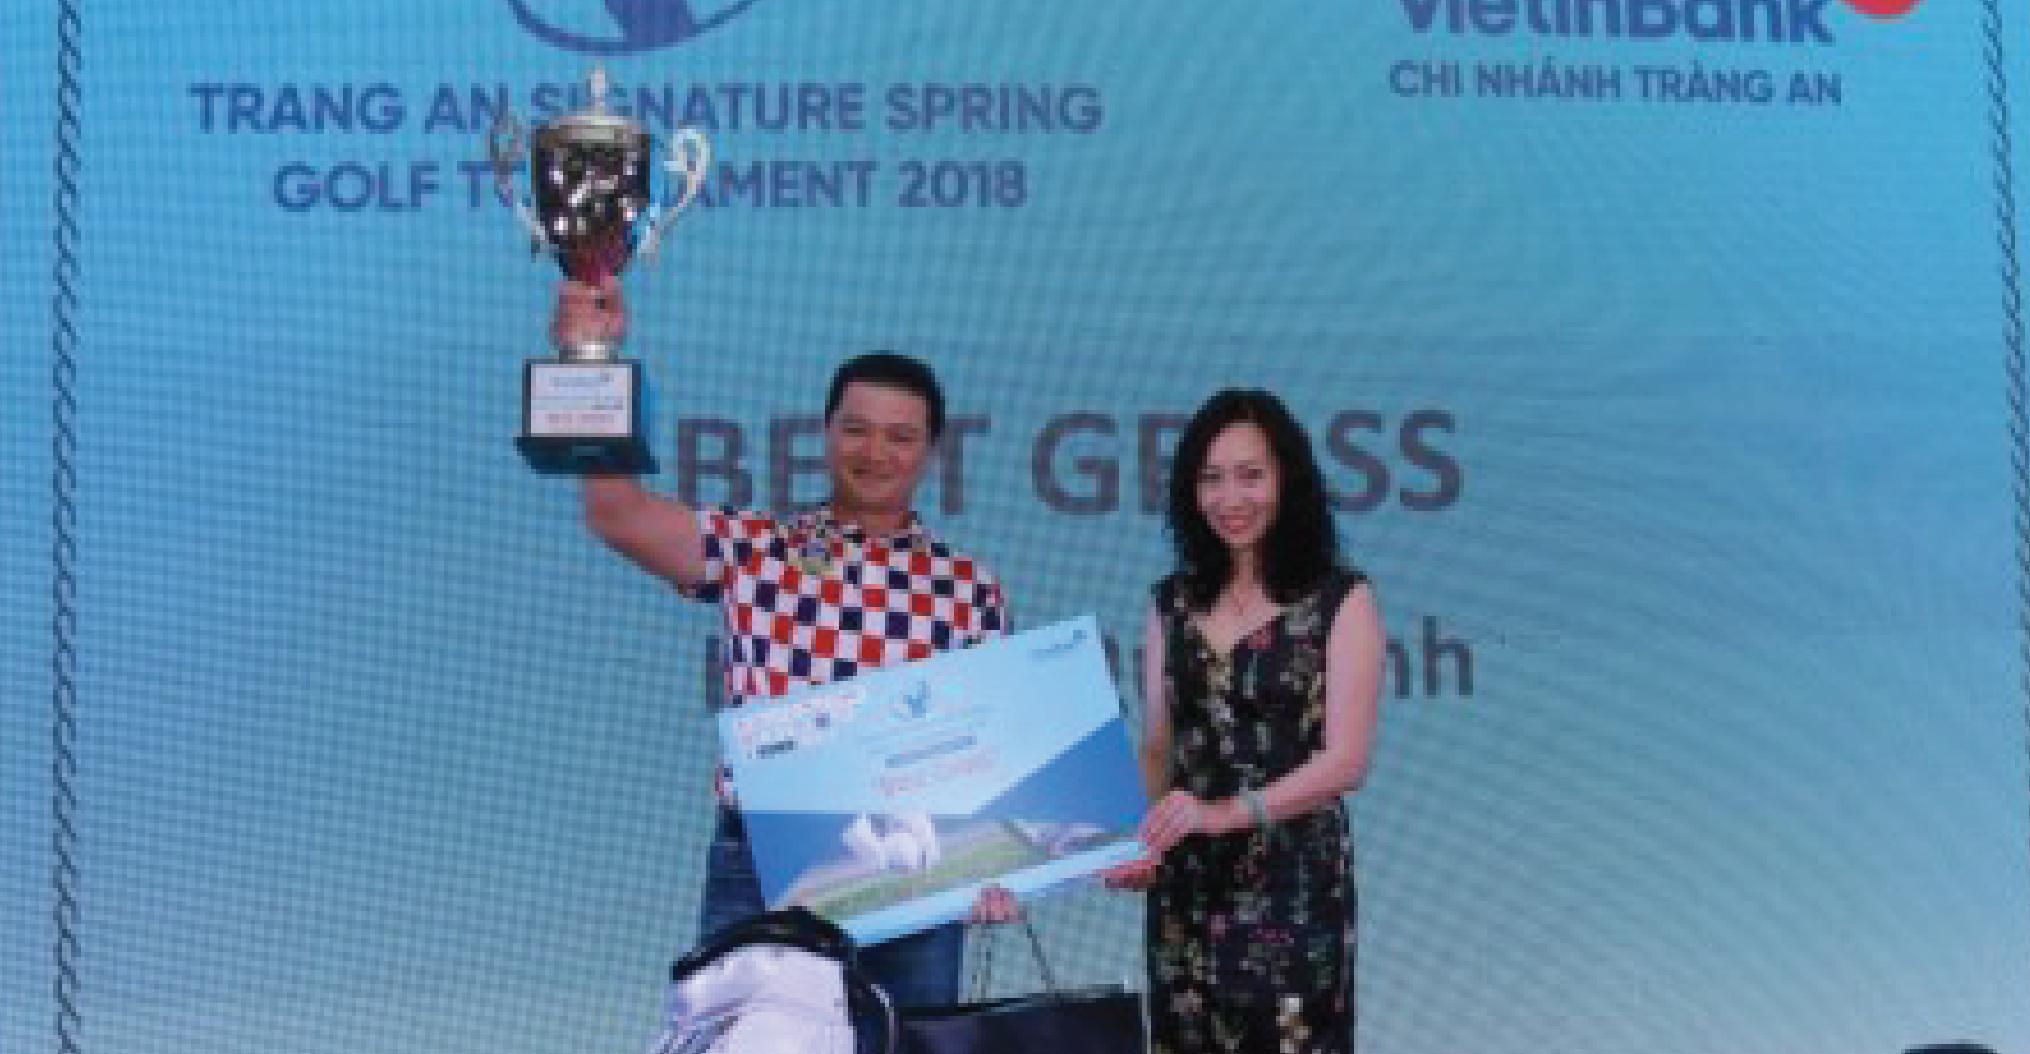 Golfer Quế Linh vô địch, Bảo Long nhất bảng A giải Tràng An Signature Spring Golf Tournament 2018